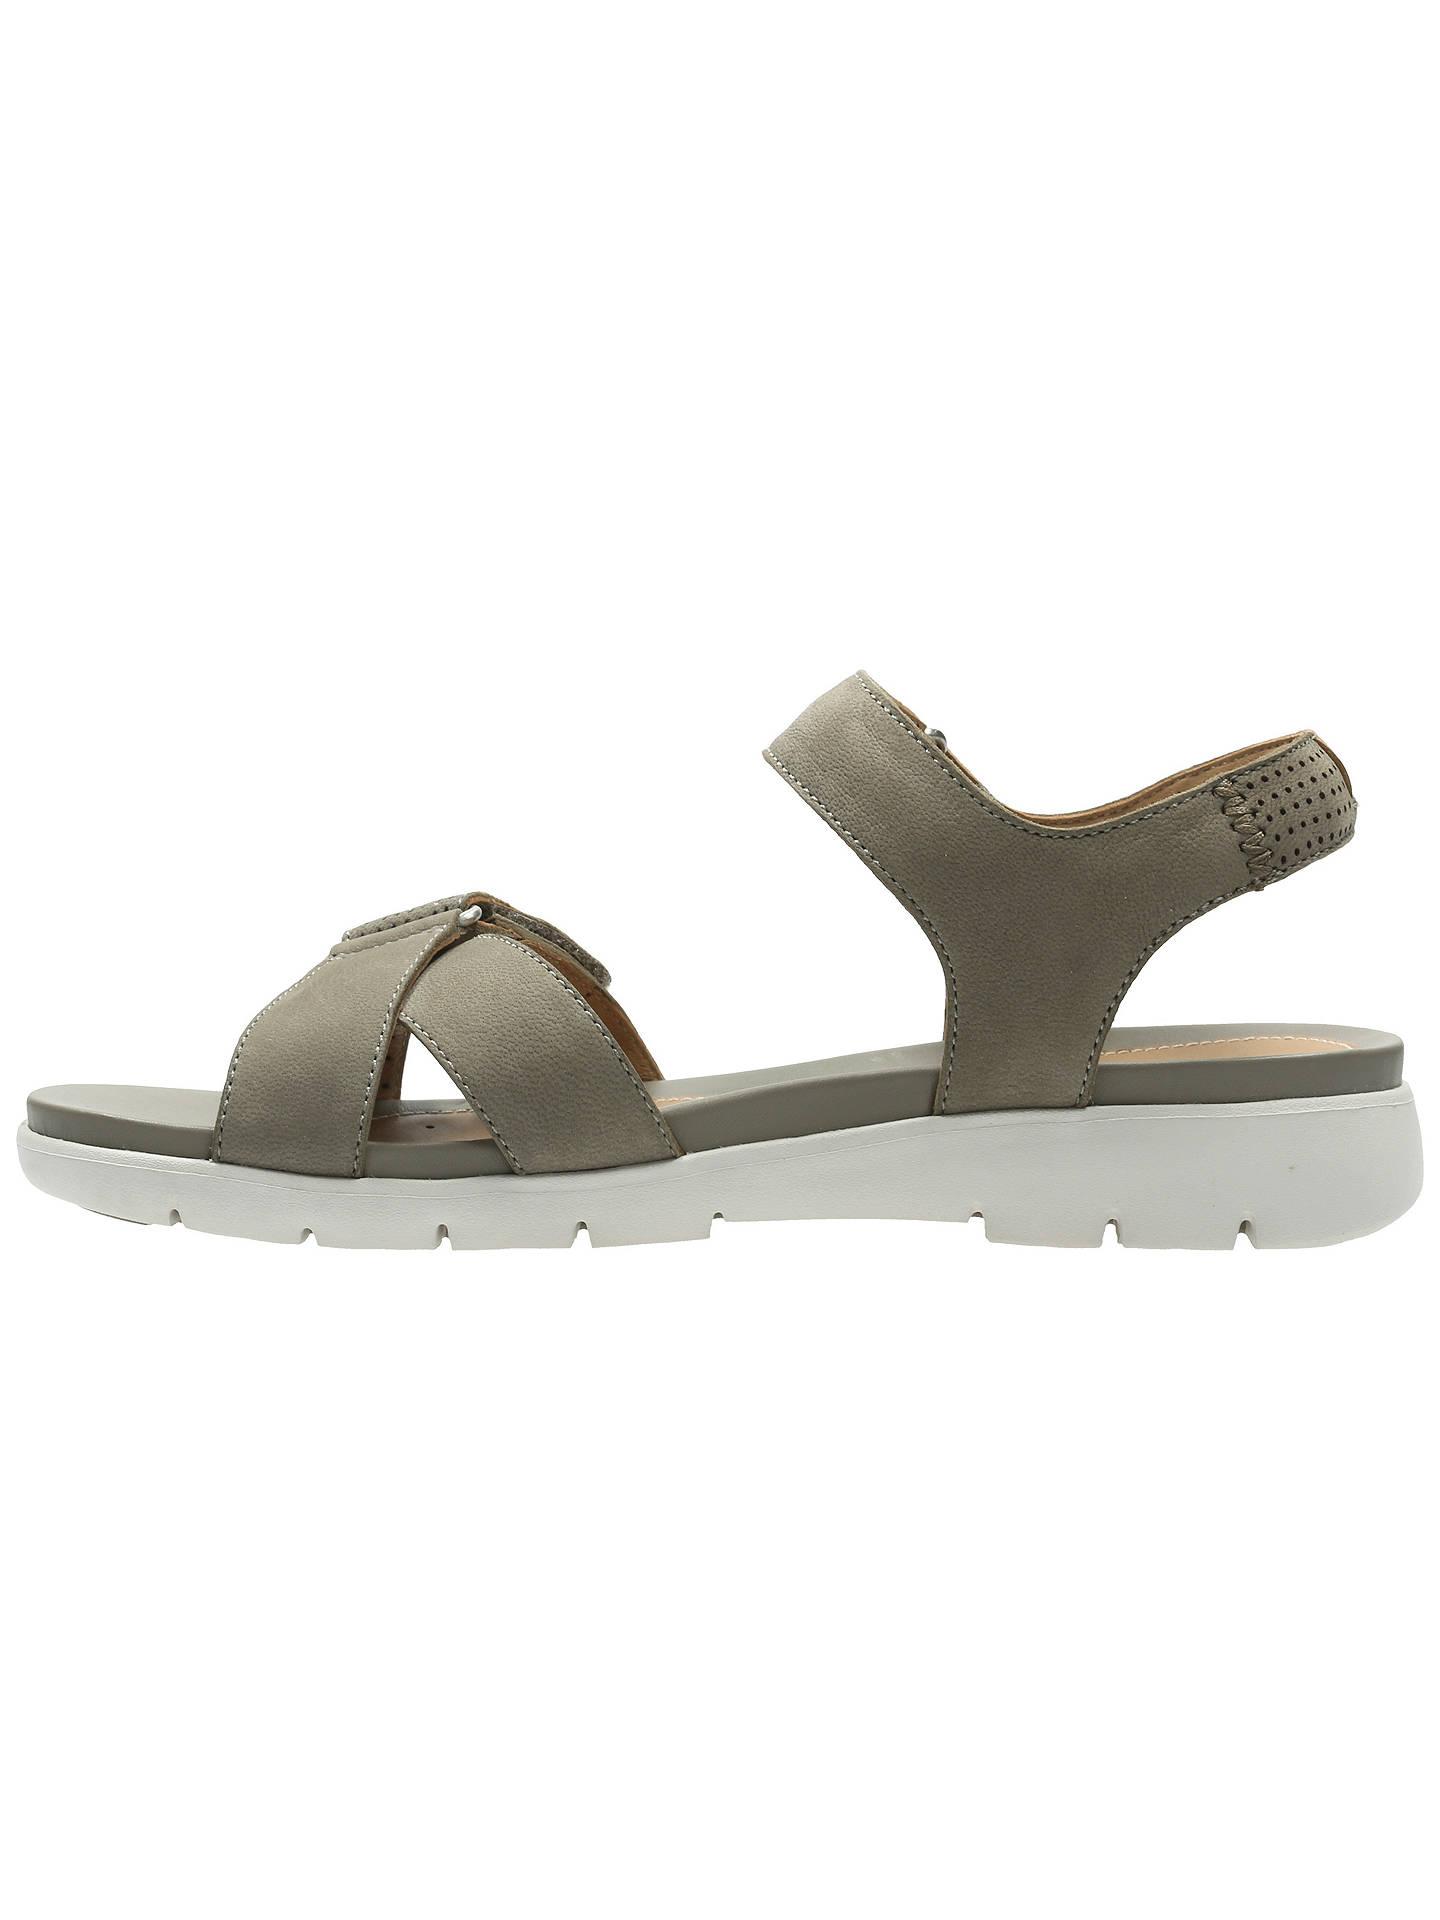 4876a1ea781 ... Buy Clarks Un Saffron Rip Tape Sandals